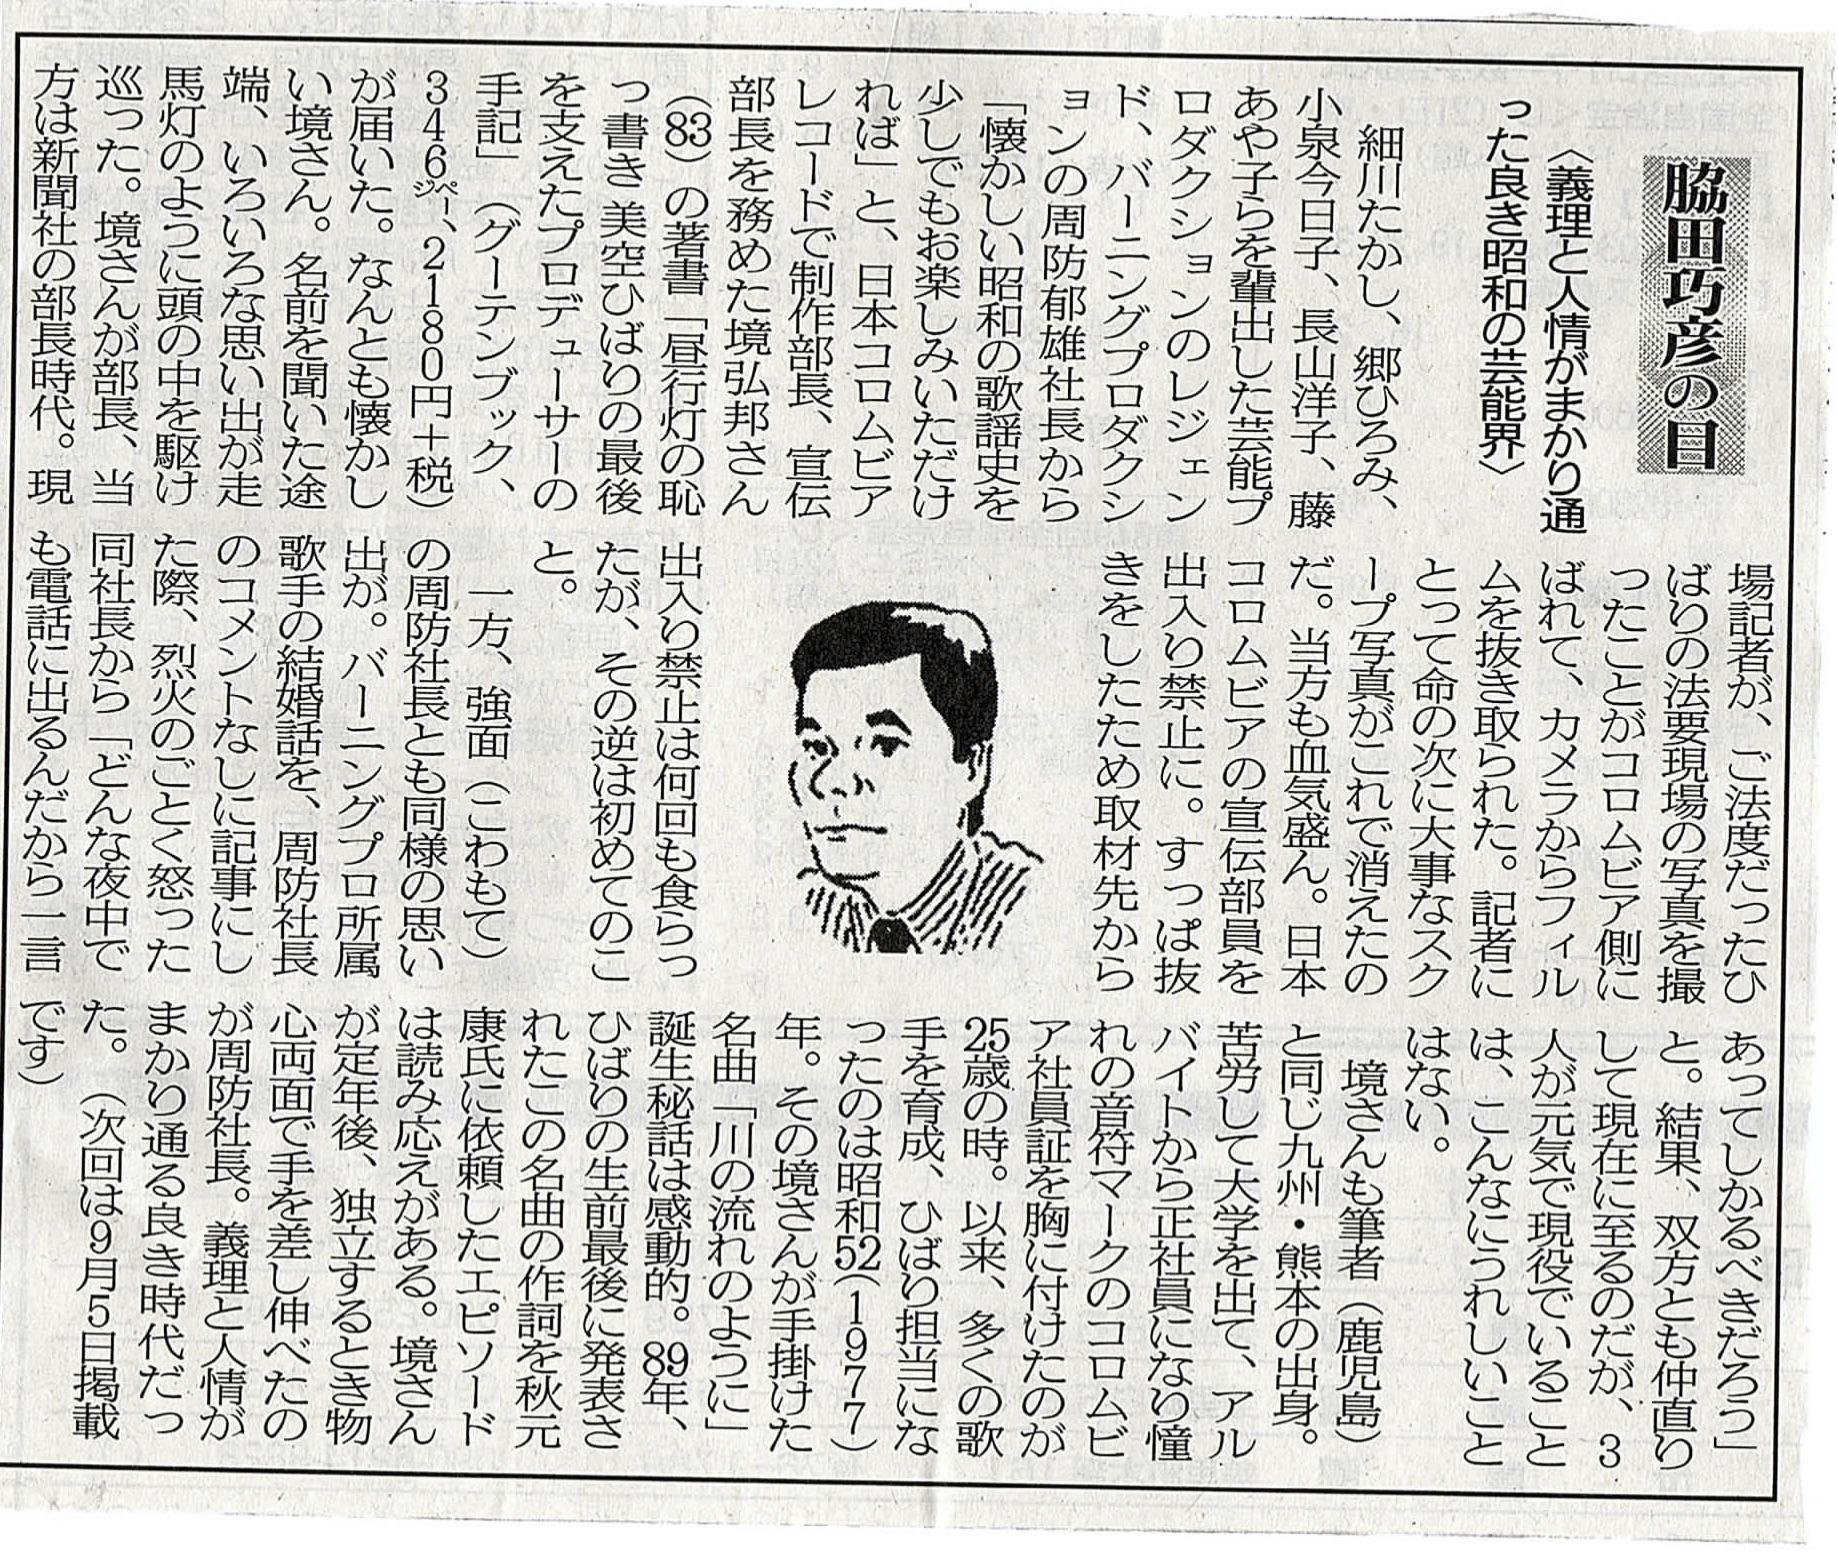 2020年8月22日 義理と人情がまかり通った良き昭和の芸能界